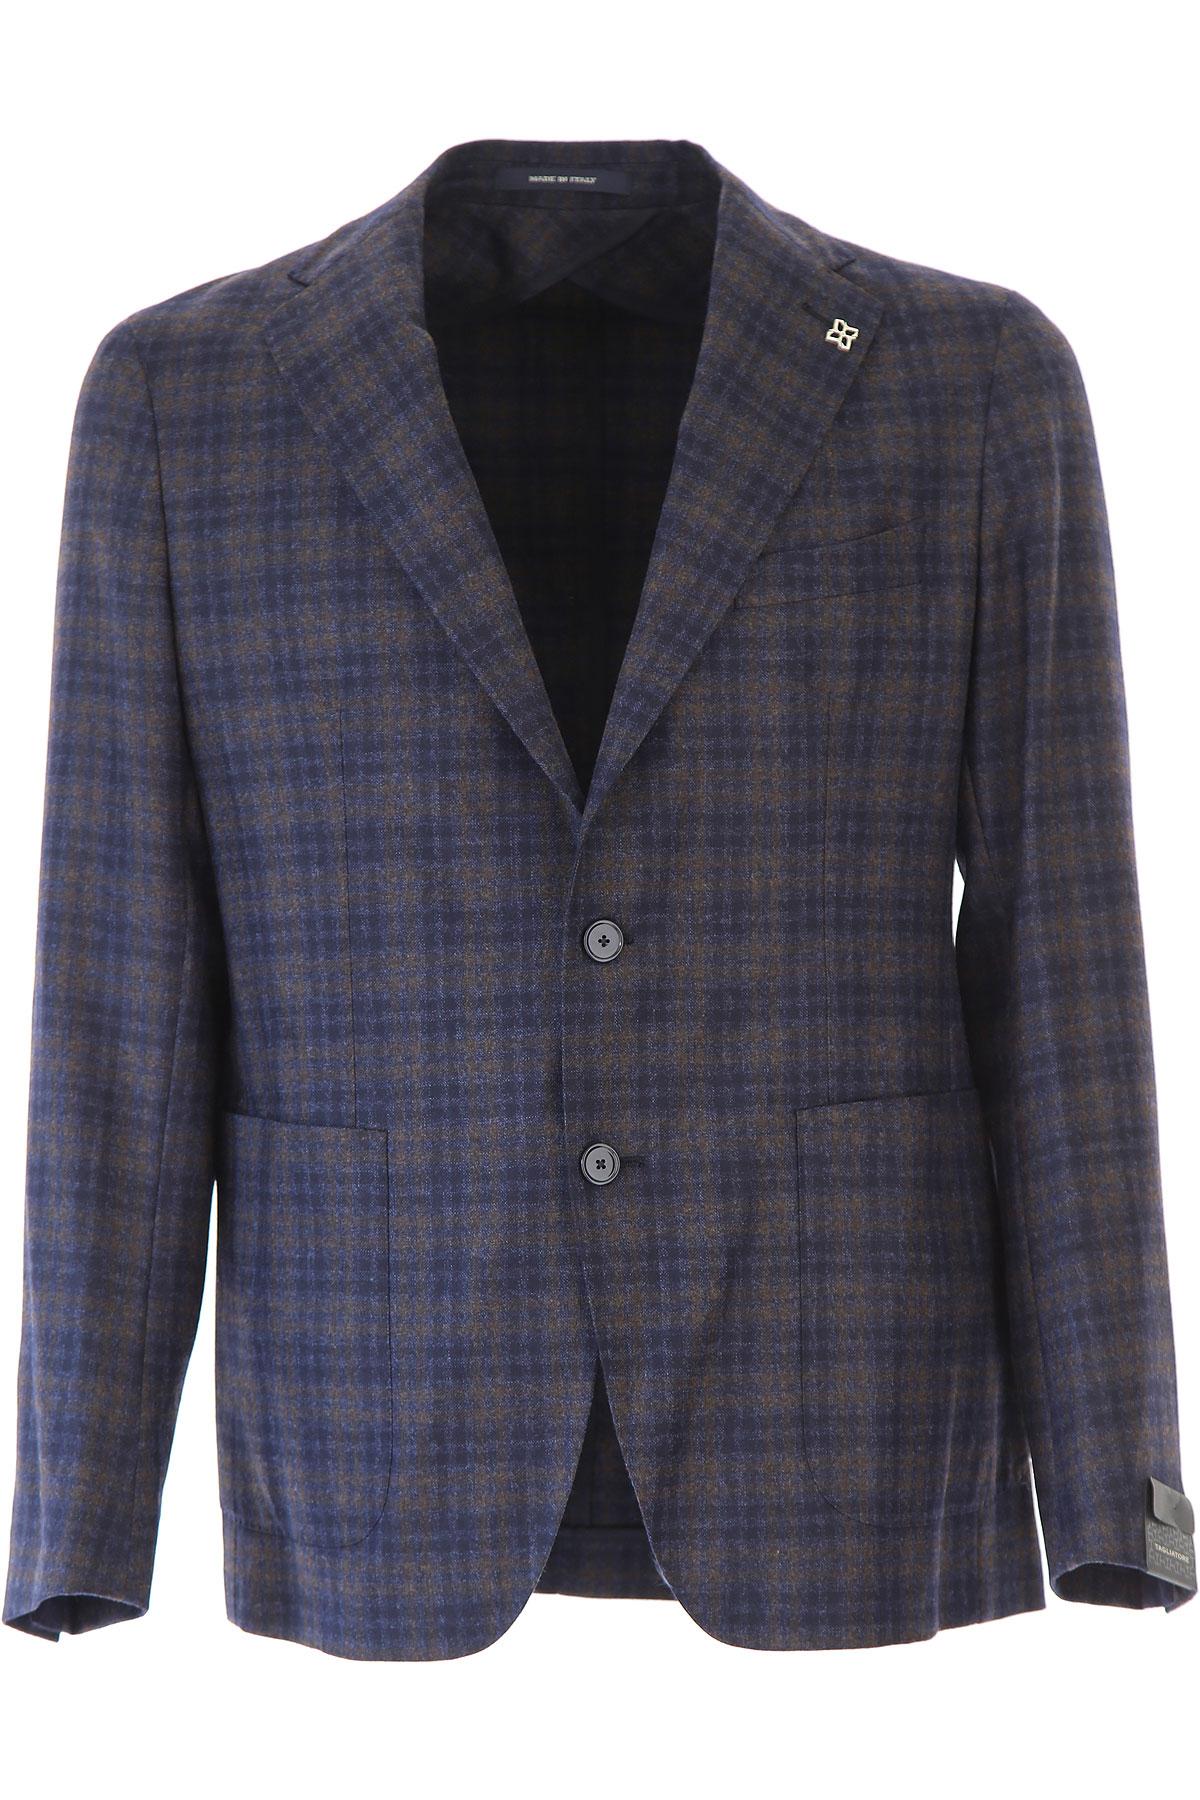 Image of Tagliatore Blazer for Men, Sport Coat, Blue, Virgin wool, 2017, L XL XXL